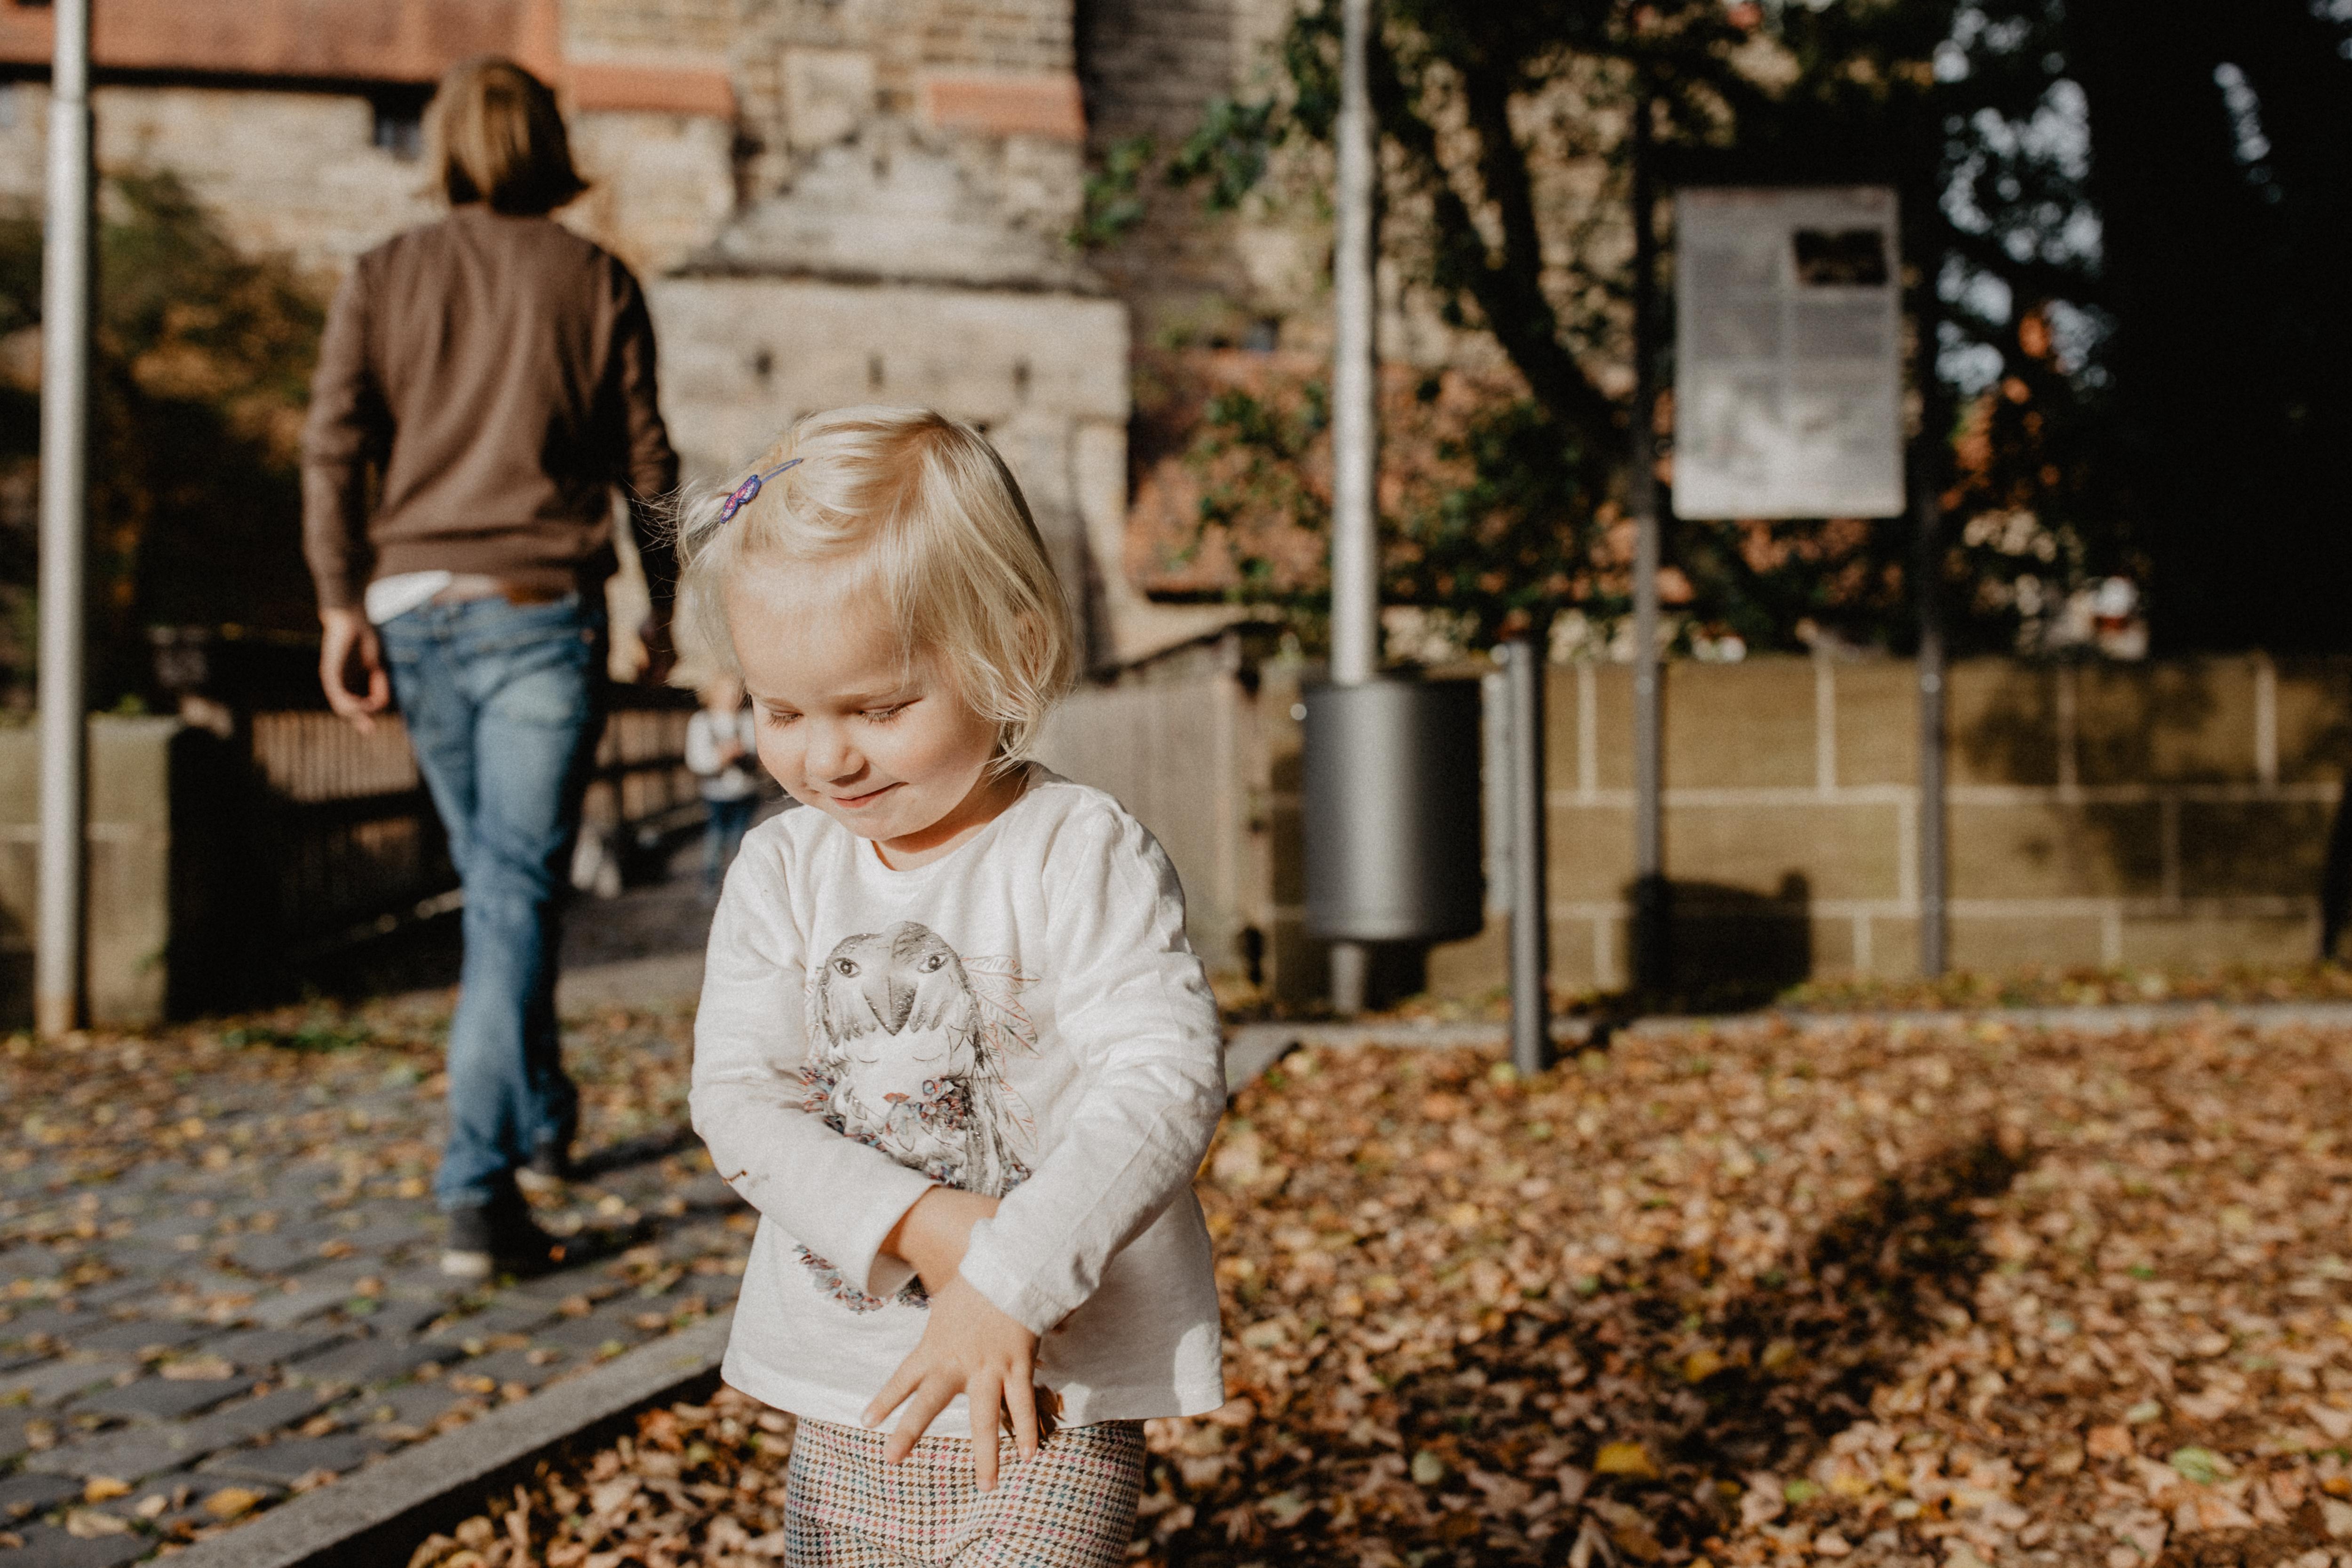 URBANERIE_Daniela_Goth_Fotografin_Nürnberg_Fürth_Erlangen_Schwabach_170930_0146